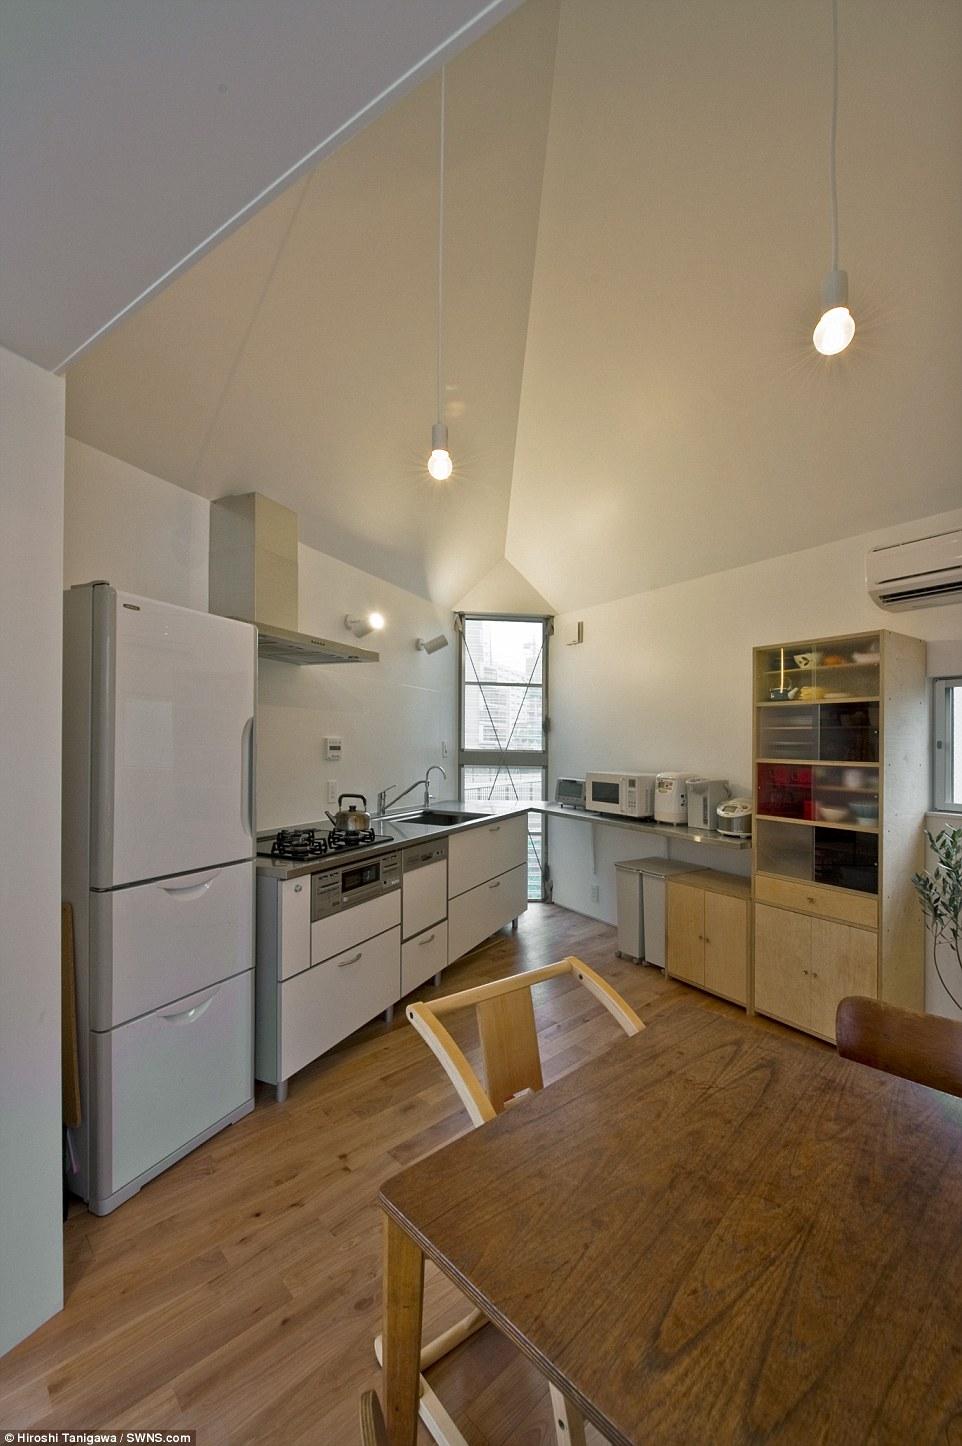 Cucina abitabile: Il design dell'edificio è stato condotto da Kota Mizuishi capo della Studio di architettura Atelier Mizuishi